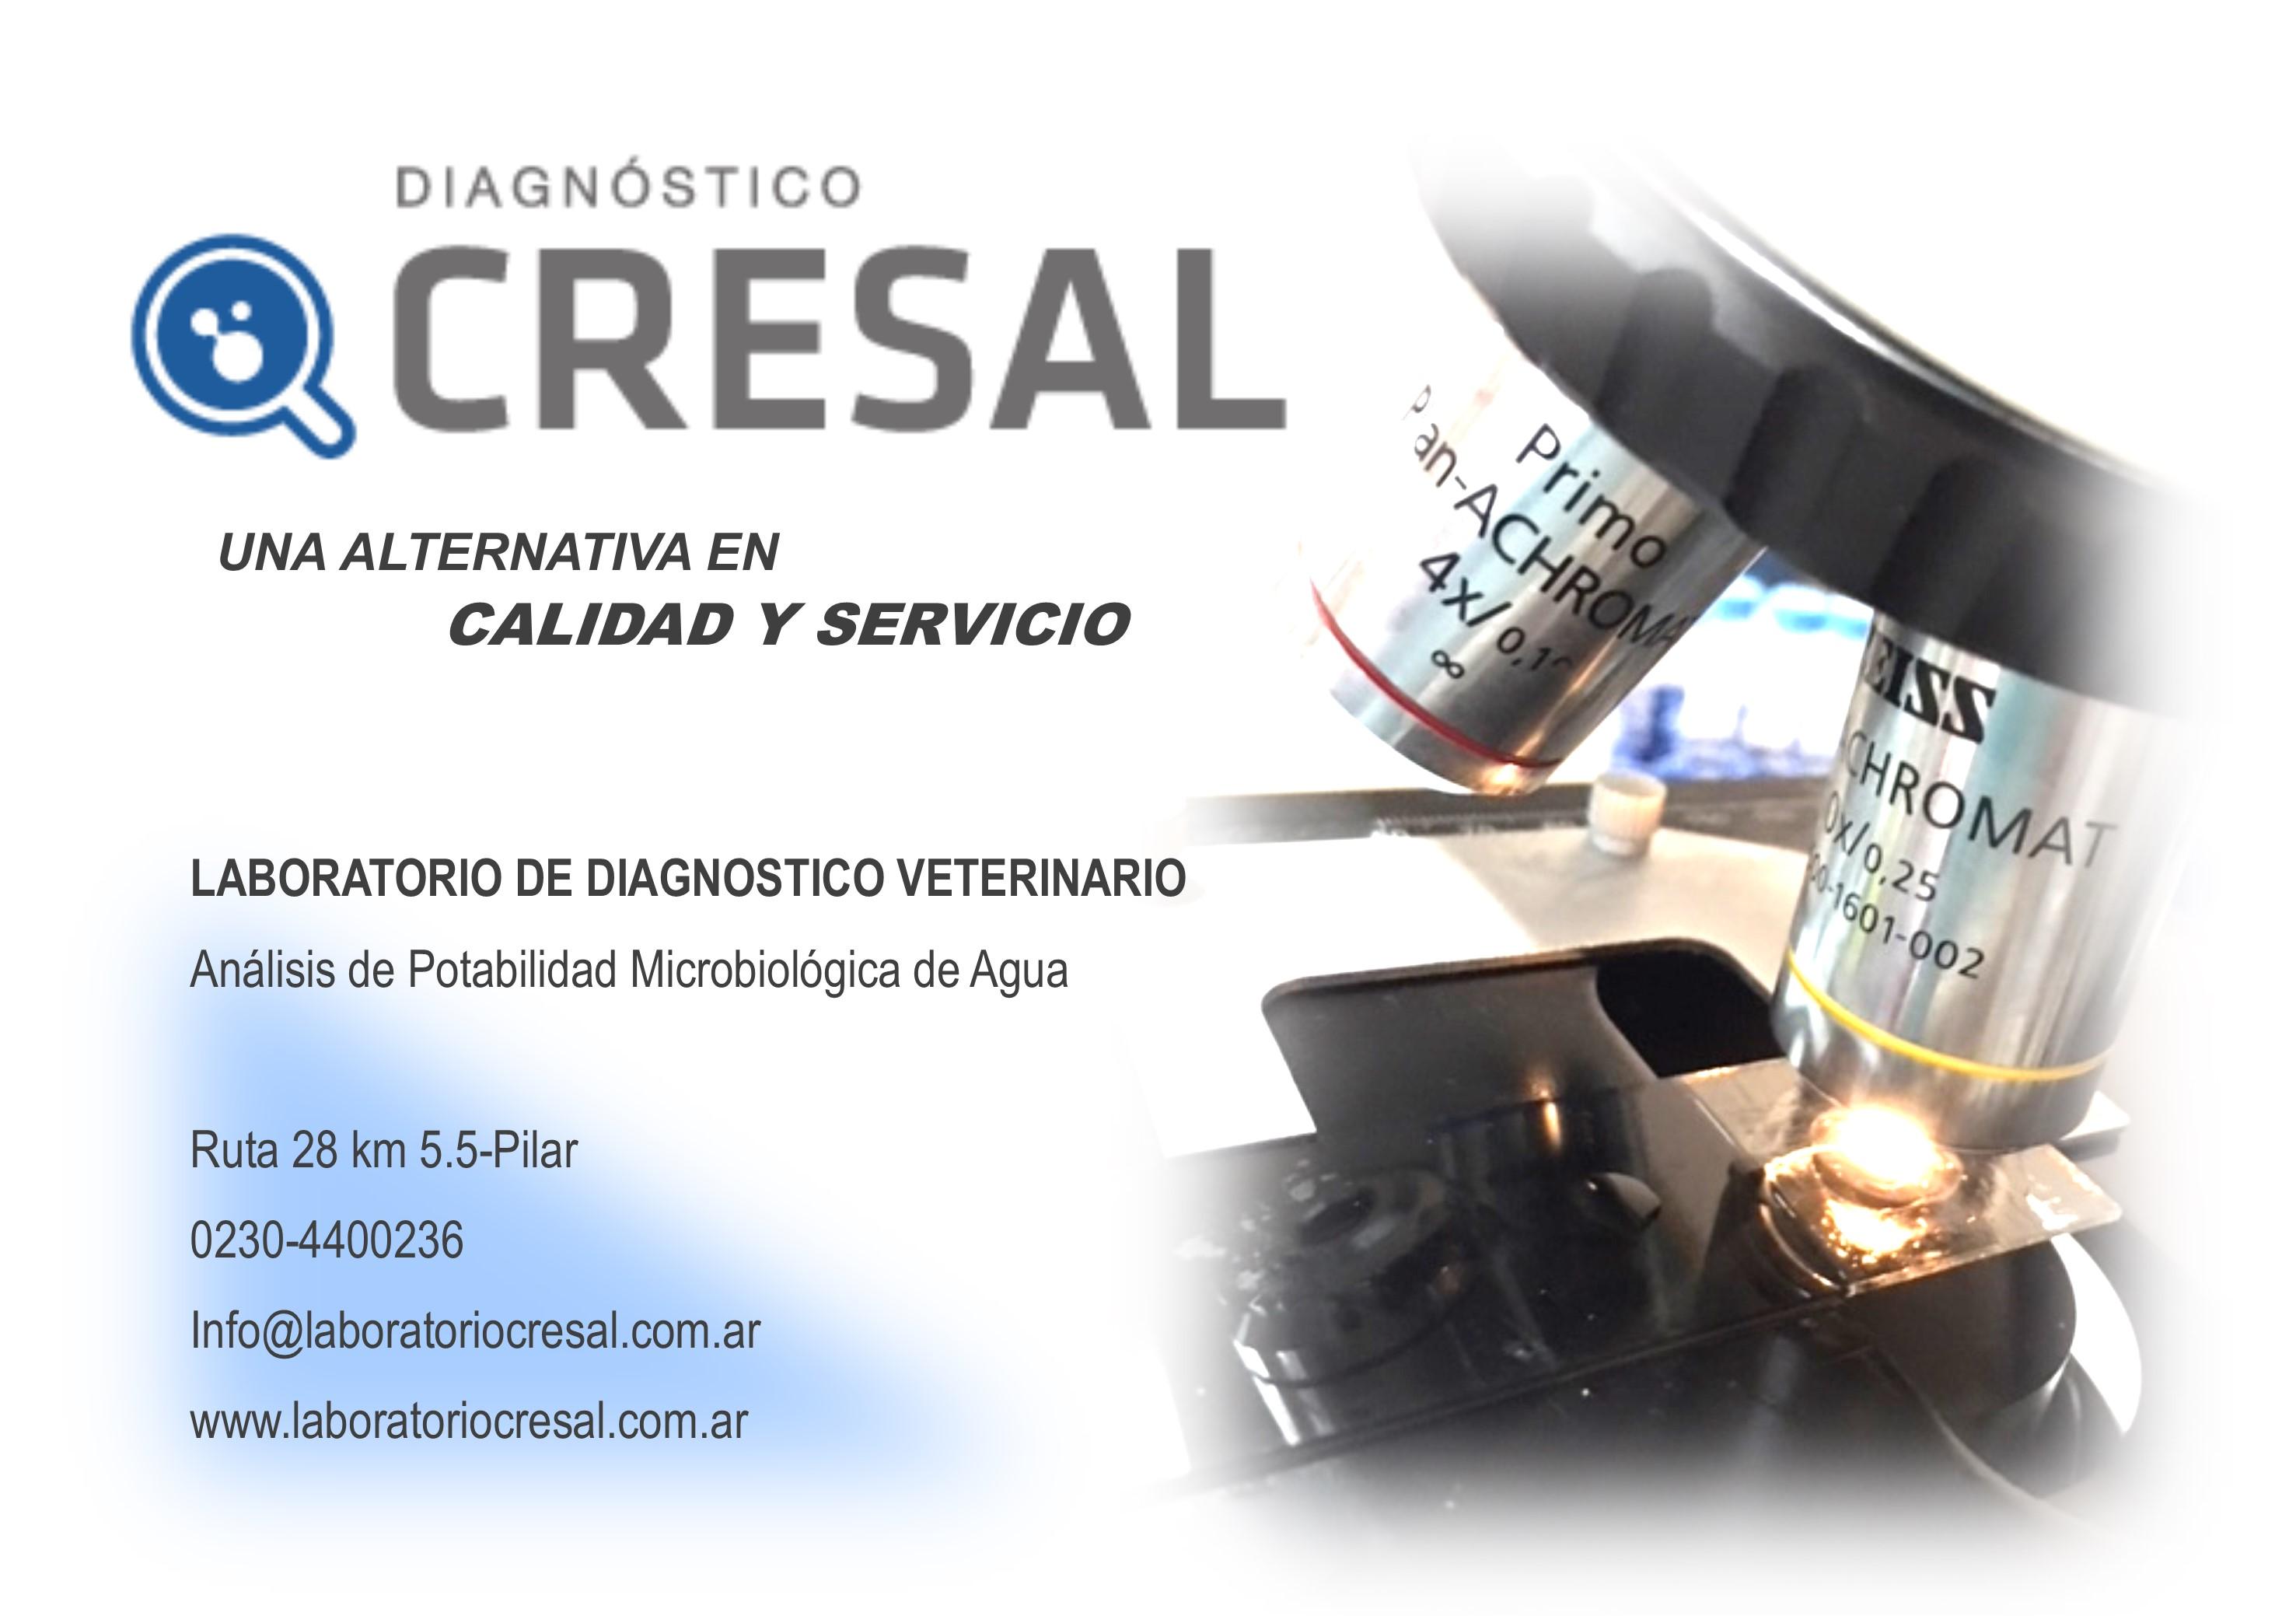 CRESAL VALORAR CLAUDIA_2 (1)